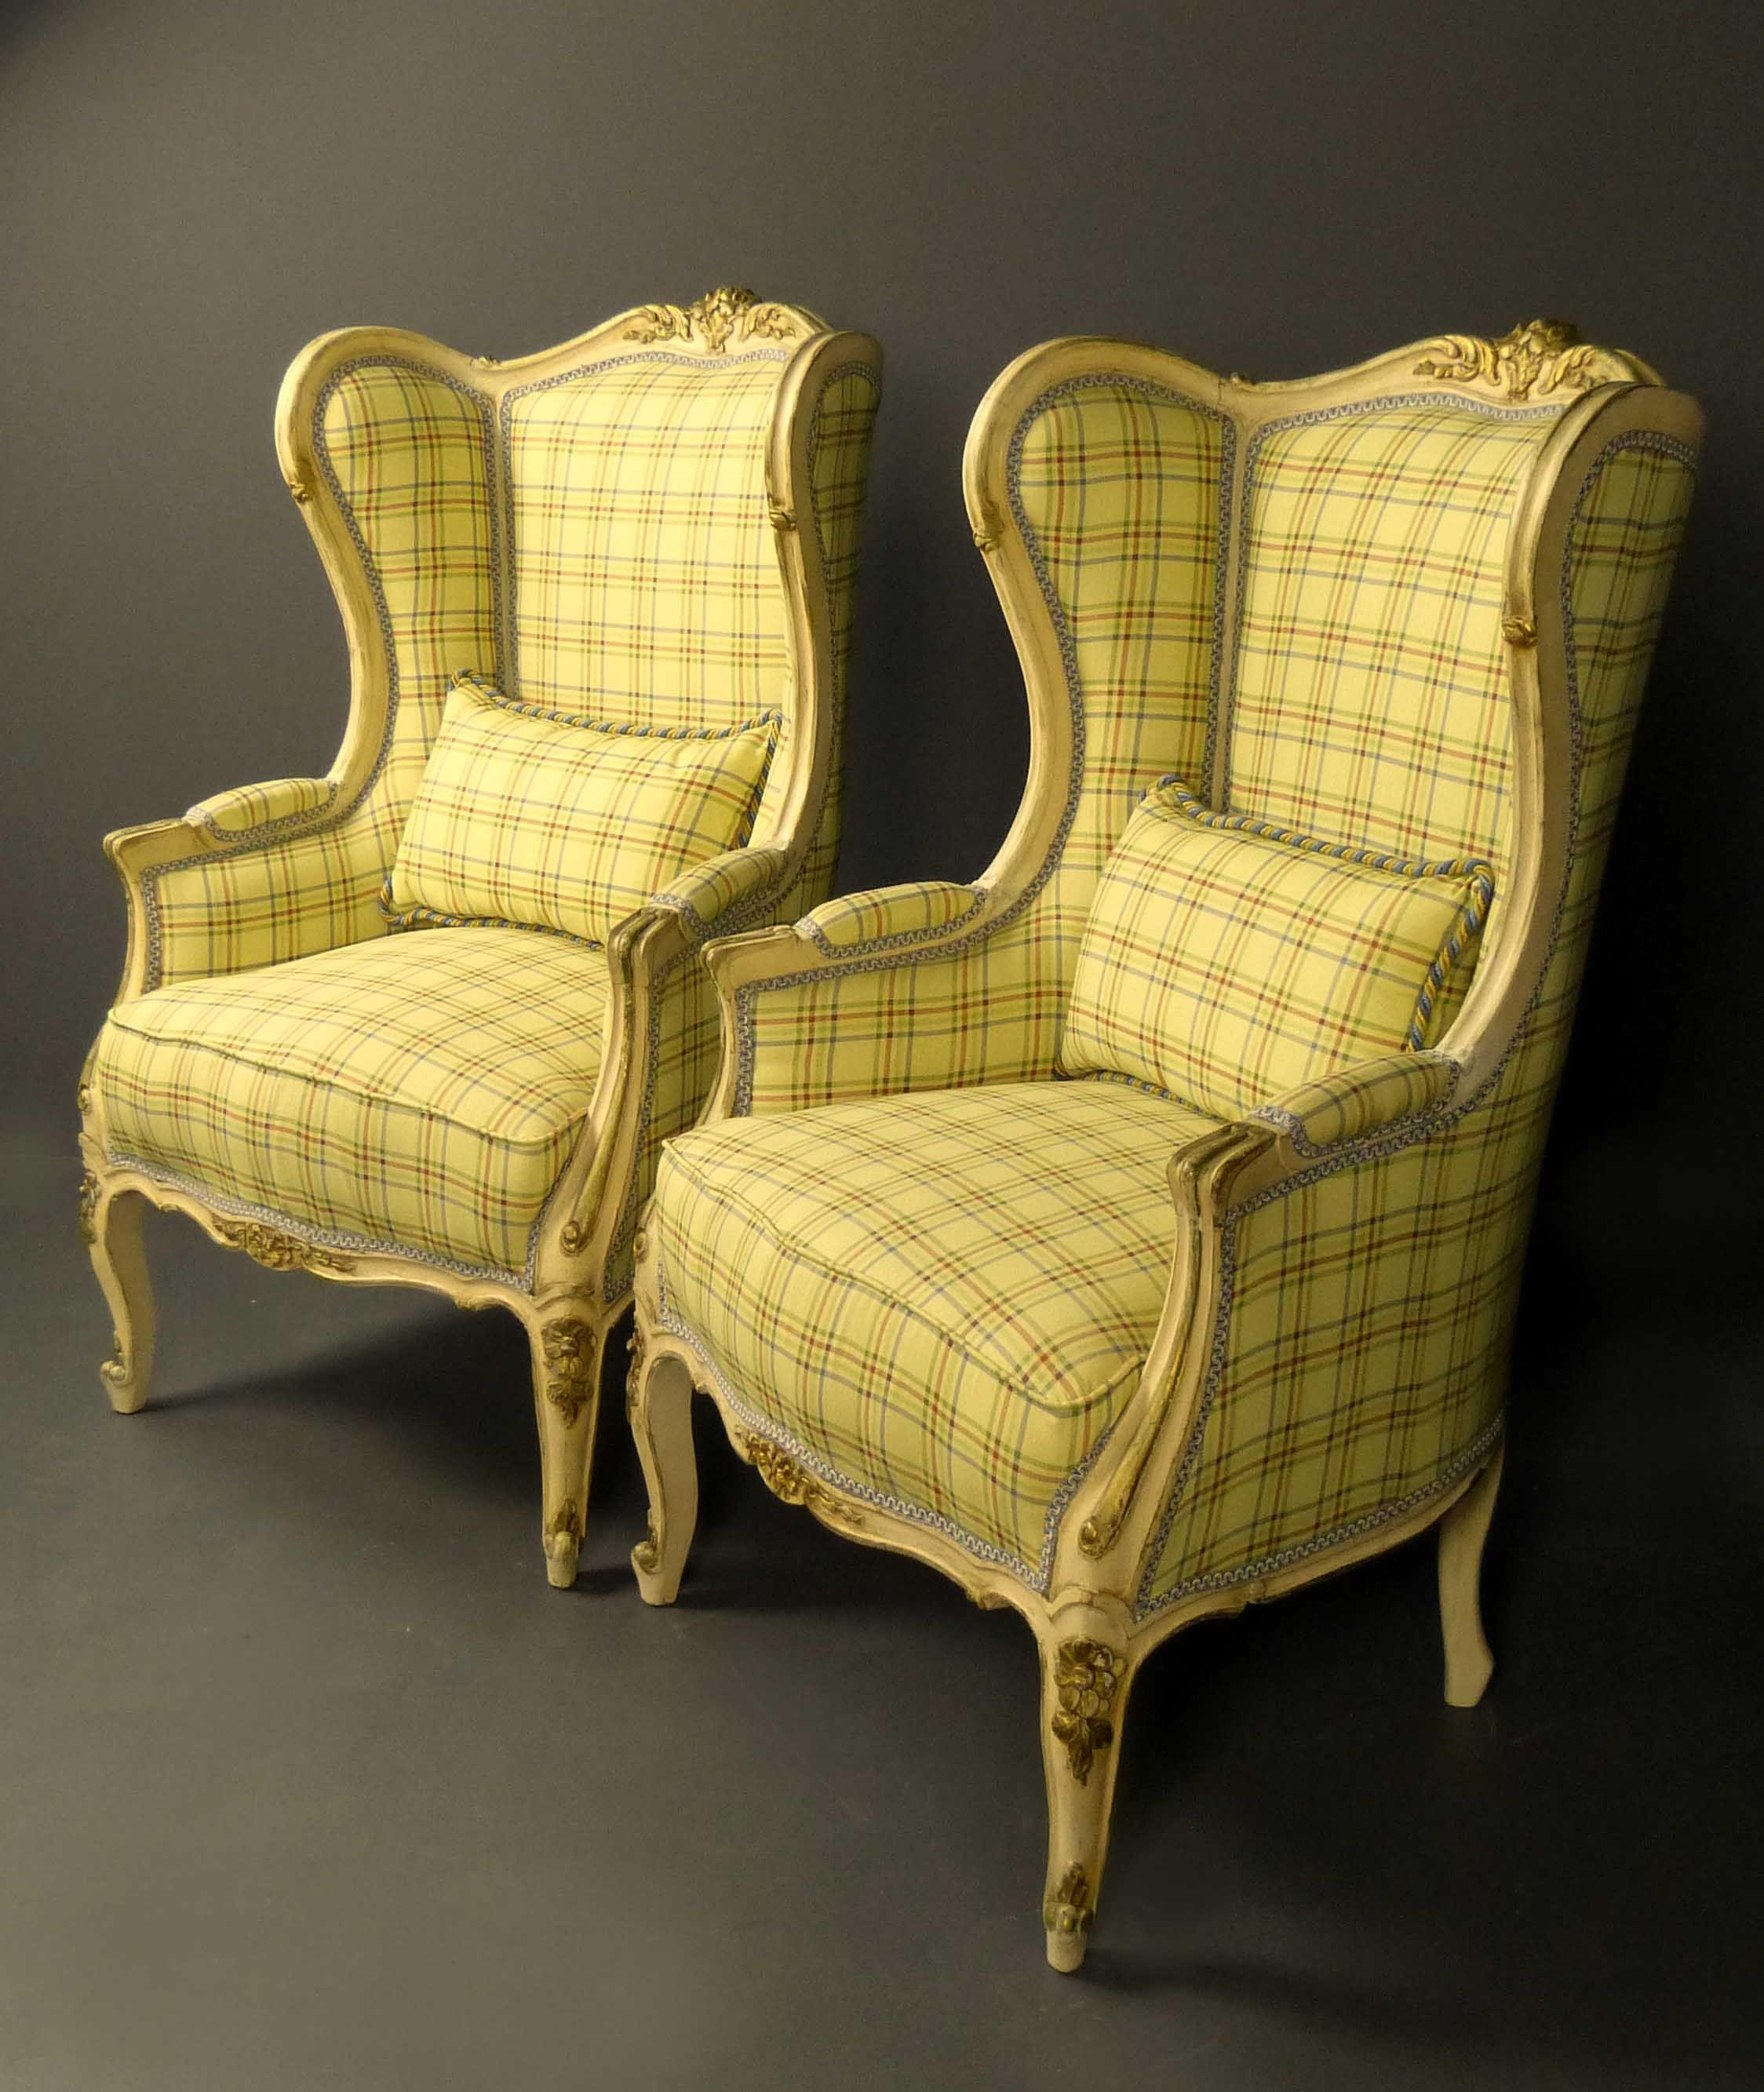 Orejeras de estilo barroco con influencia luis xv german wingchairs sold antig edades sillas - Sillas y sillones clasicos ...